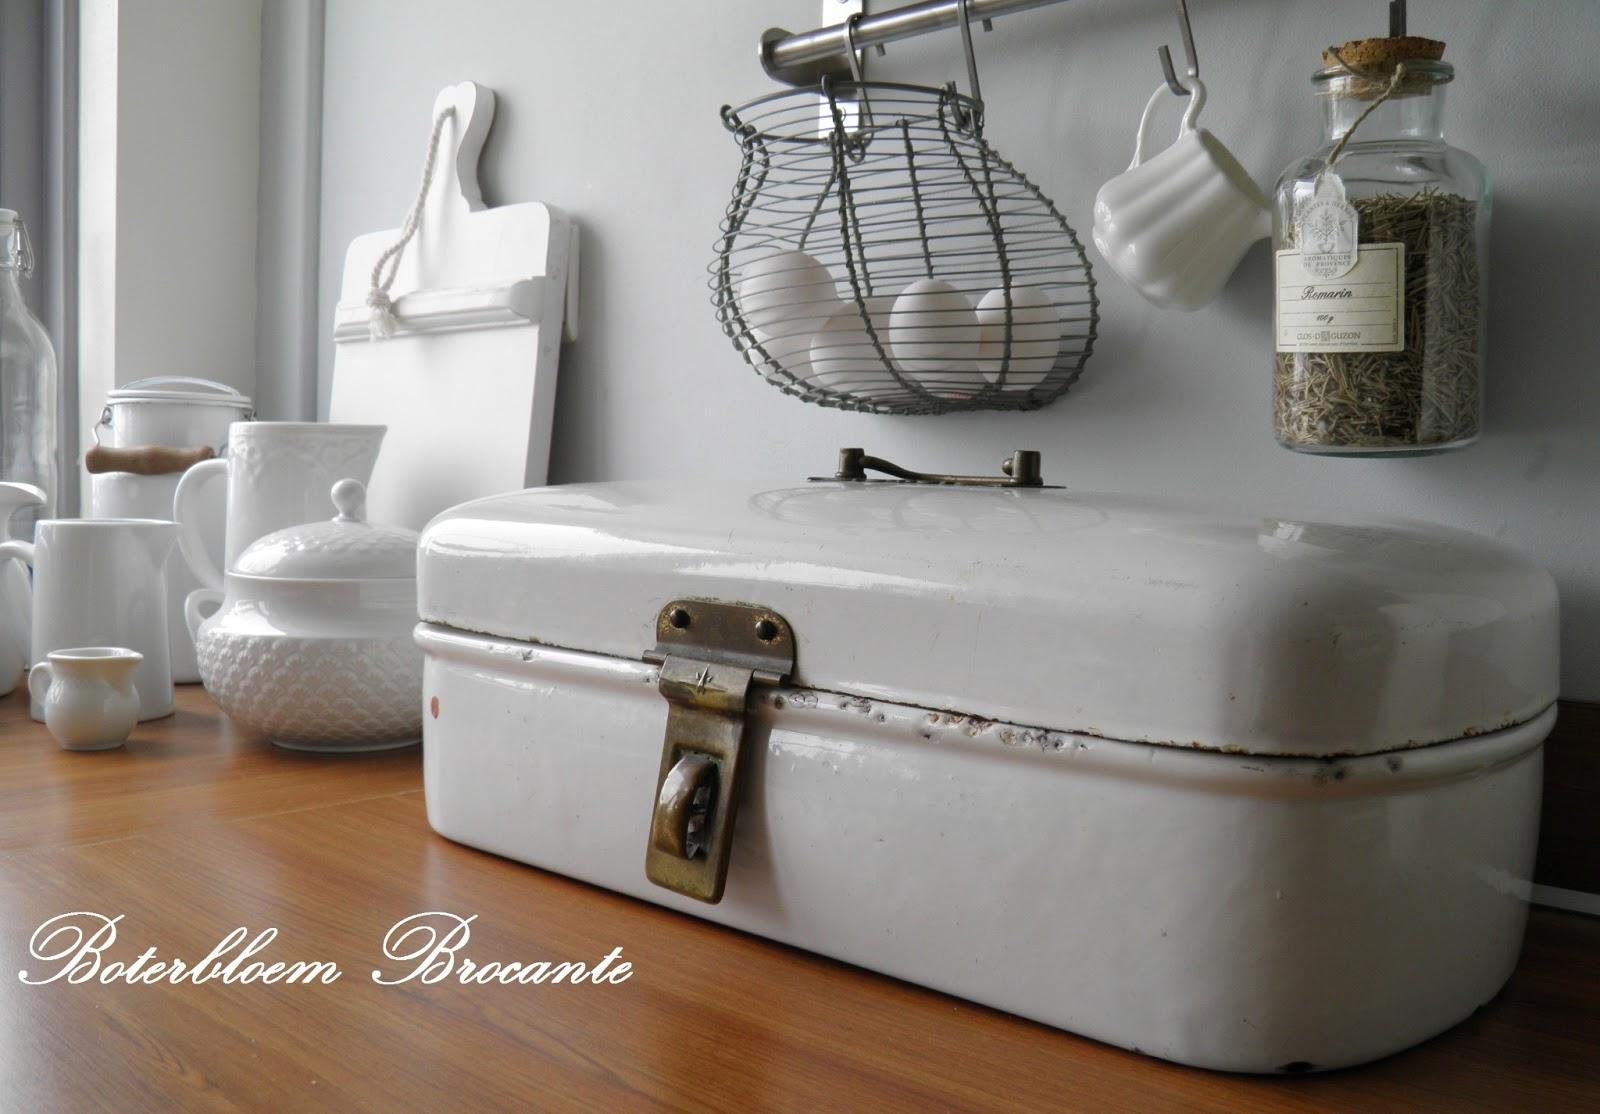 Witte Keuken Buffetkast : ... keuken van spulletjes op de aanrecht ...